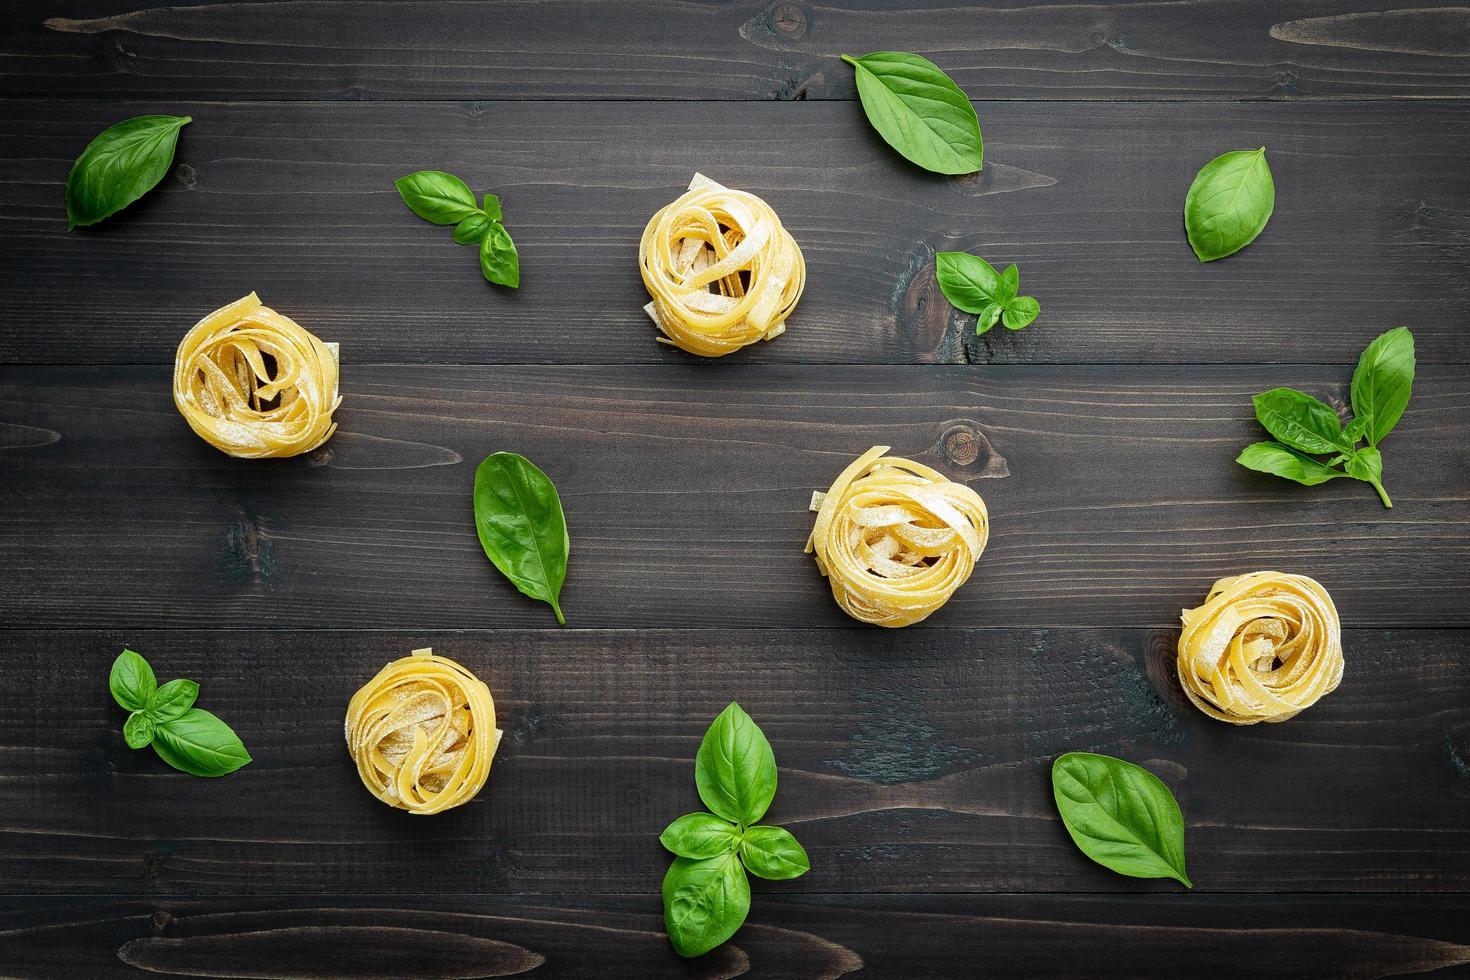 pasta en basilicum op een houten achtergrond foto